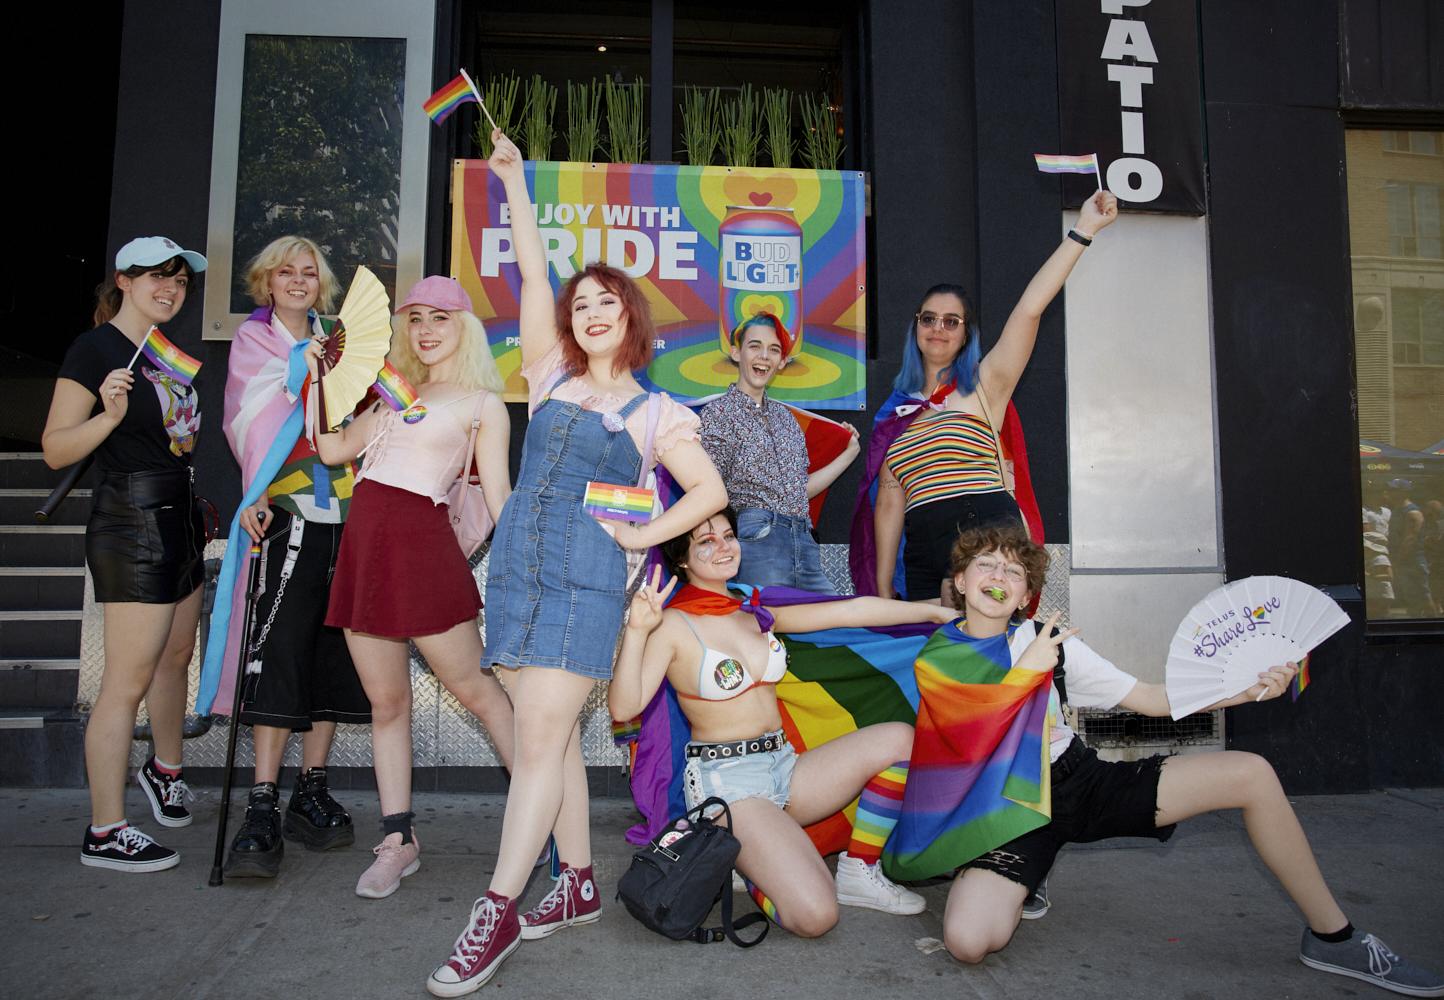 Pride_by_Justin_Atkins.jpg